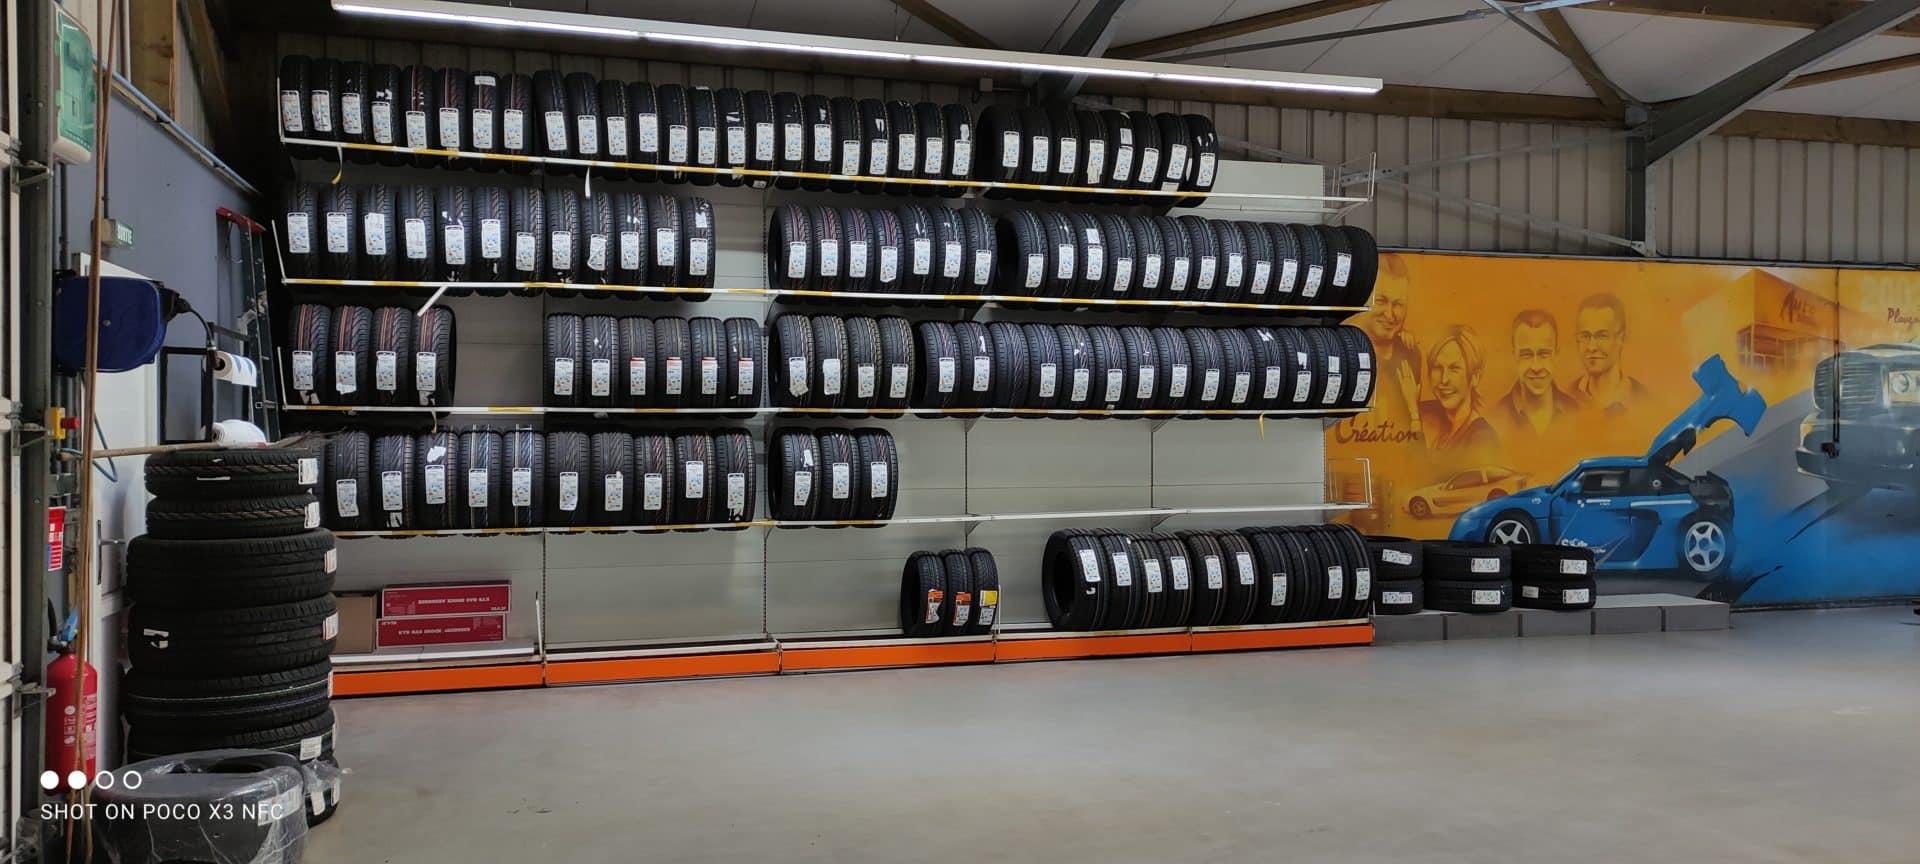 Garage pneus toutes marques Brest Finistere Avranches - Tous les pneus